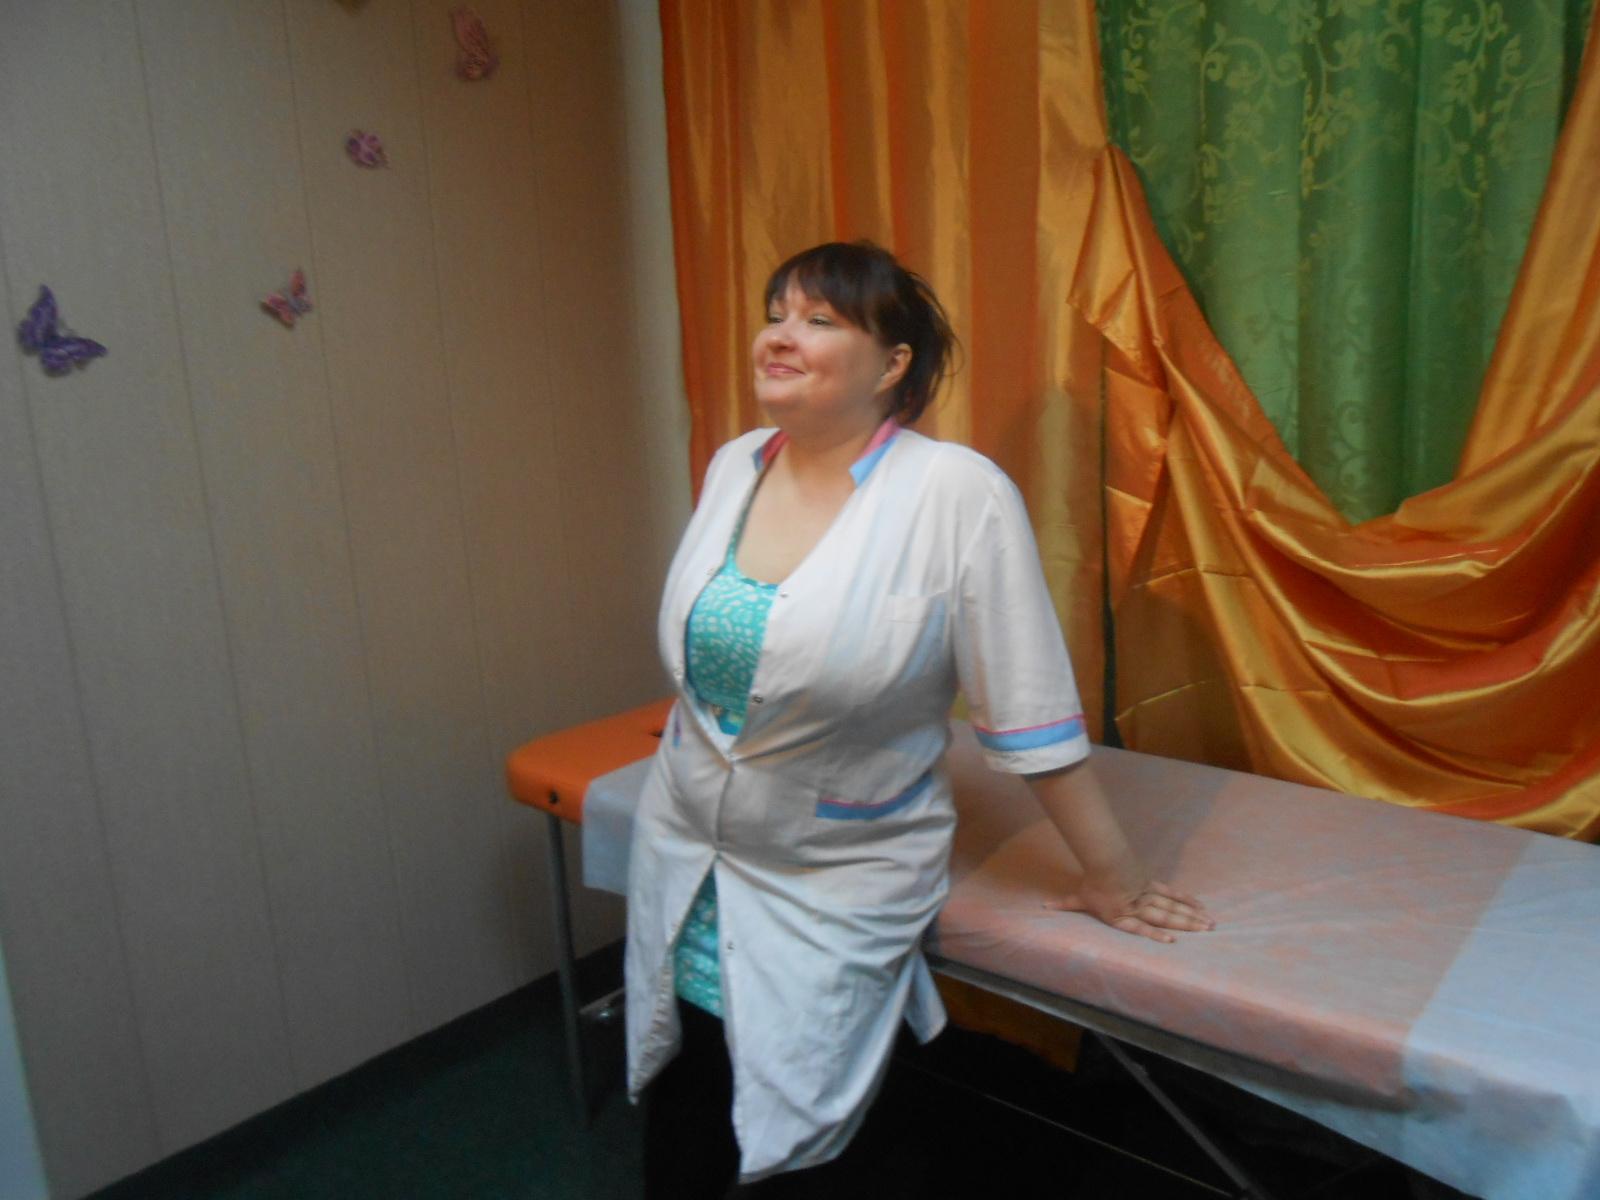 Порно Онлайн Настоящая Тираспольская Медсестра Минет